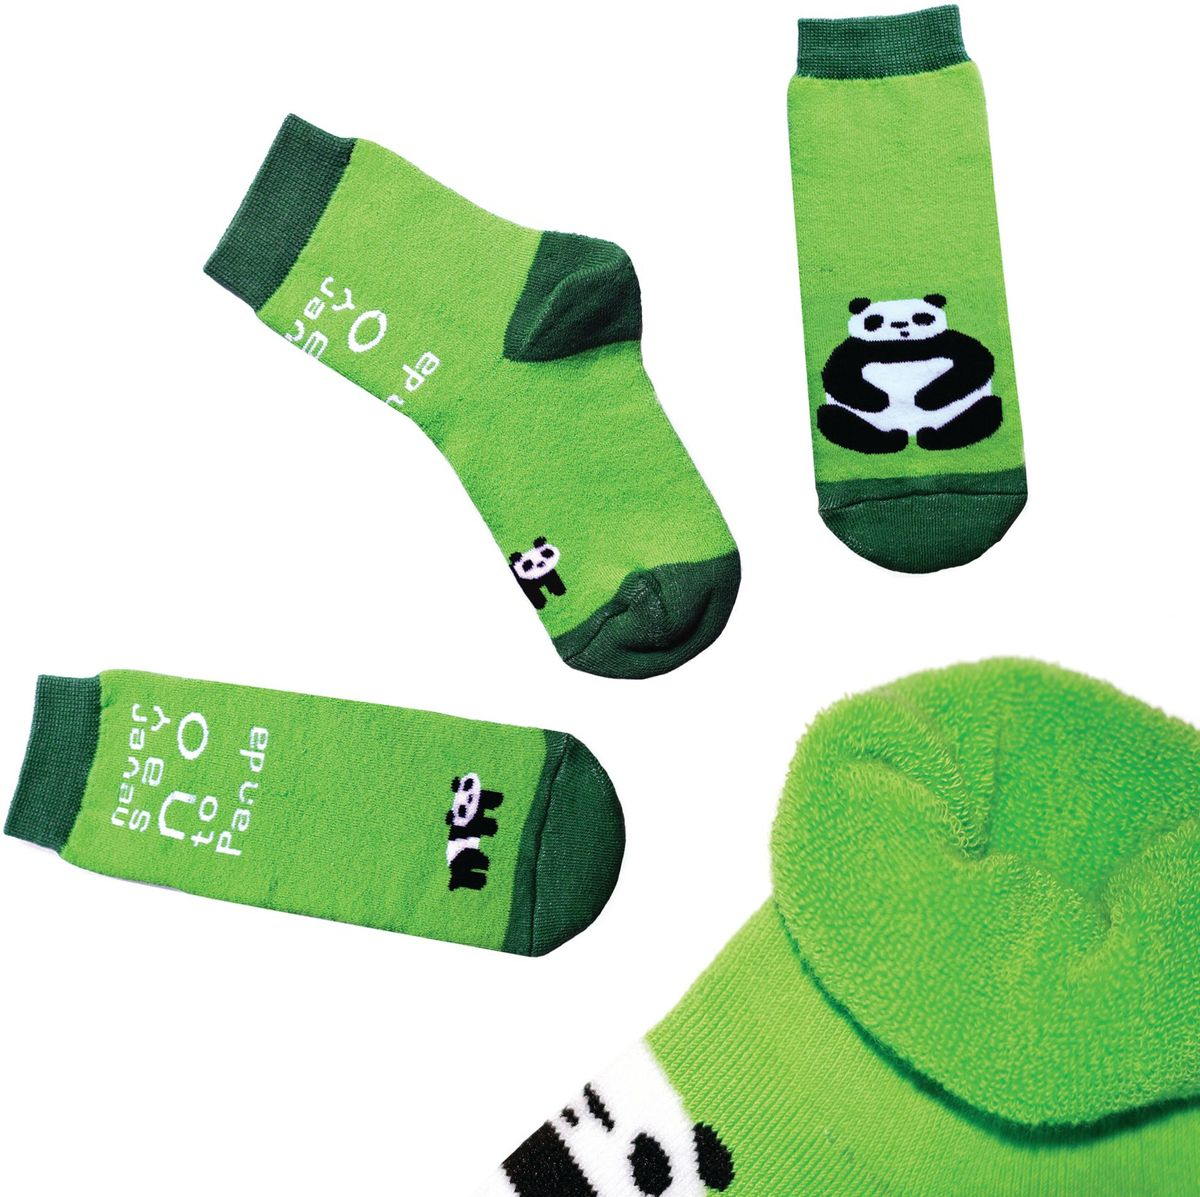 Носки детские Big Bang Socks, цвет: салатовый. n113. Размер 30/34n113Яркие носки Big Bang Socks изготовлены из высококачественного хлопка с добавлением полиамидных и эластановых волокон, которые обеспечивают великолепную посадку. Носки отличаются ярким стильным дизайном. Они оформлены изображением панды и надписью never say no to panda (никогда не говори нет панде).